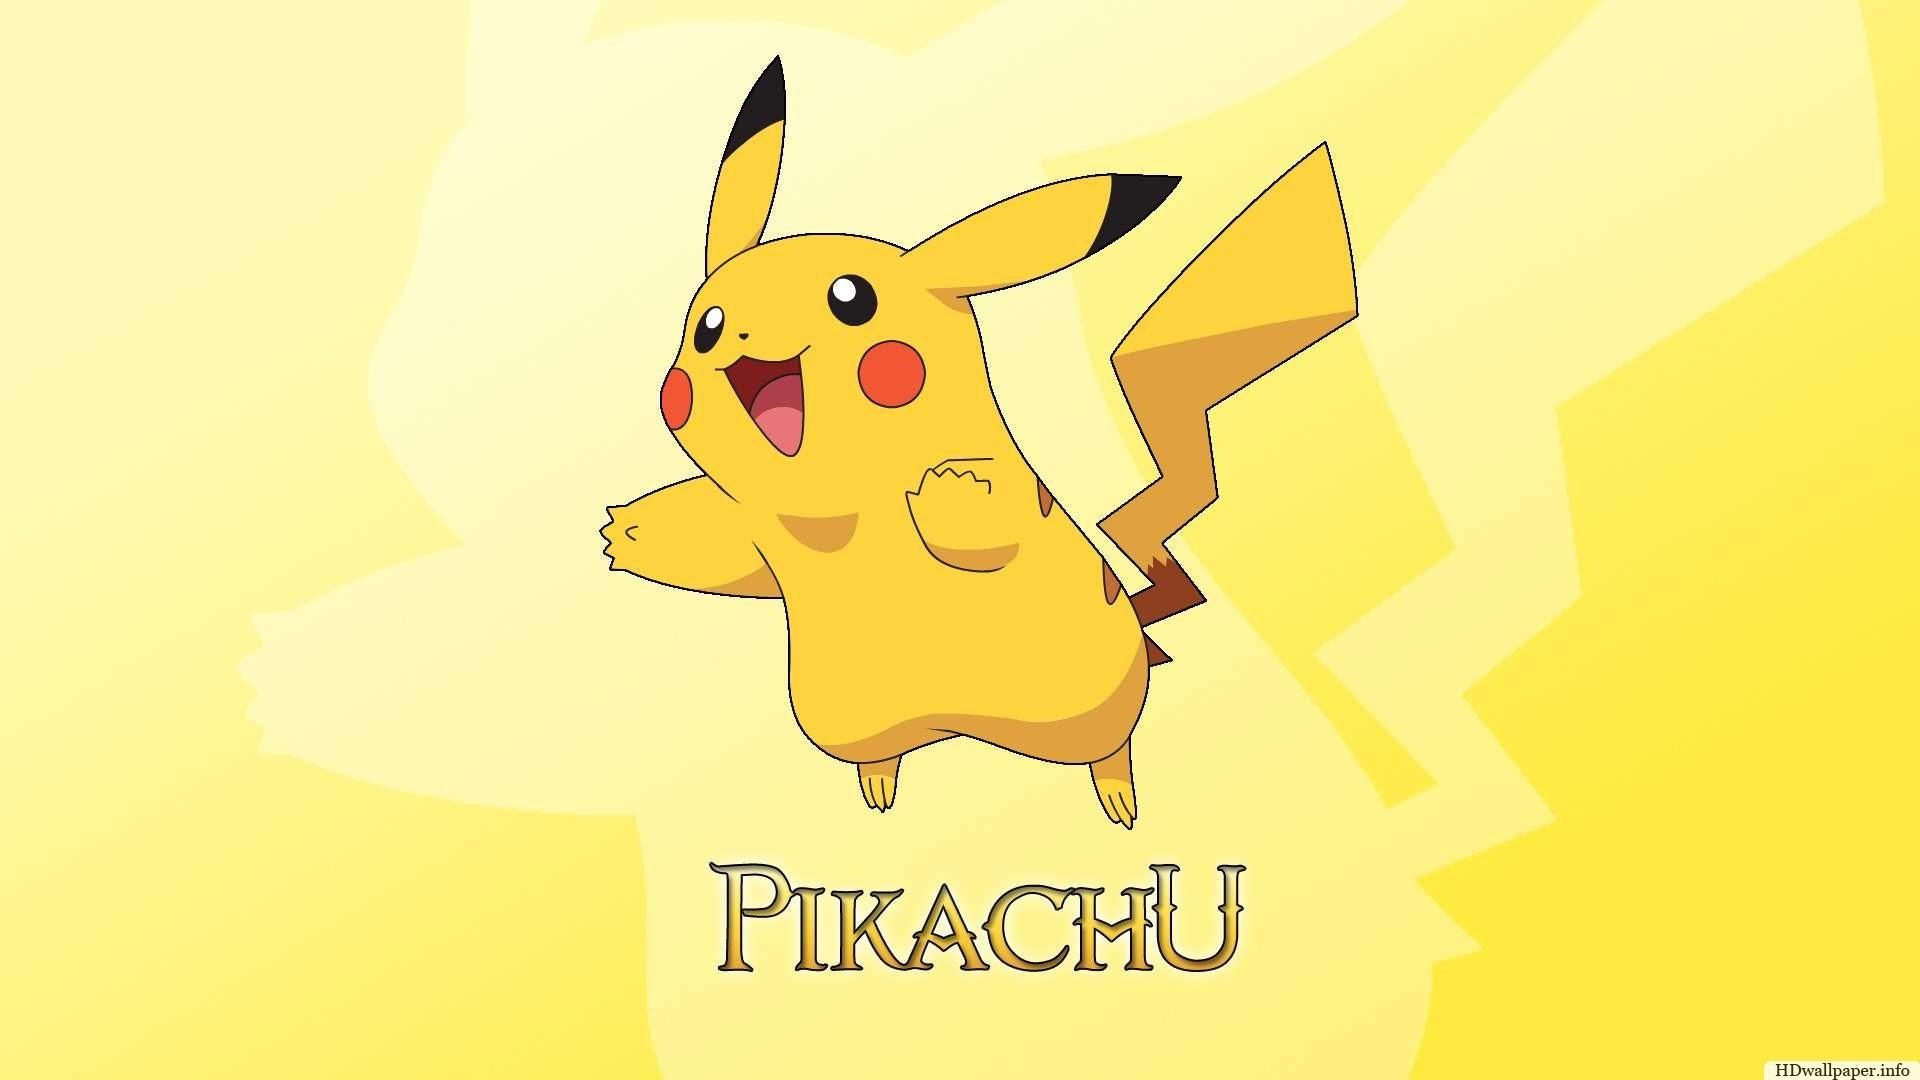 pikachu wallpaper cute id: 3335 / credit